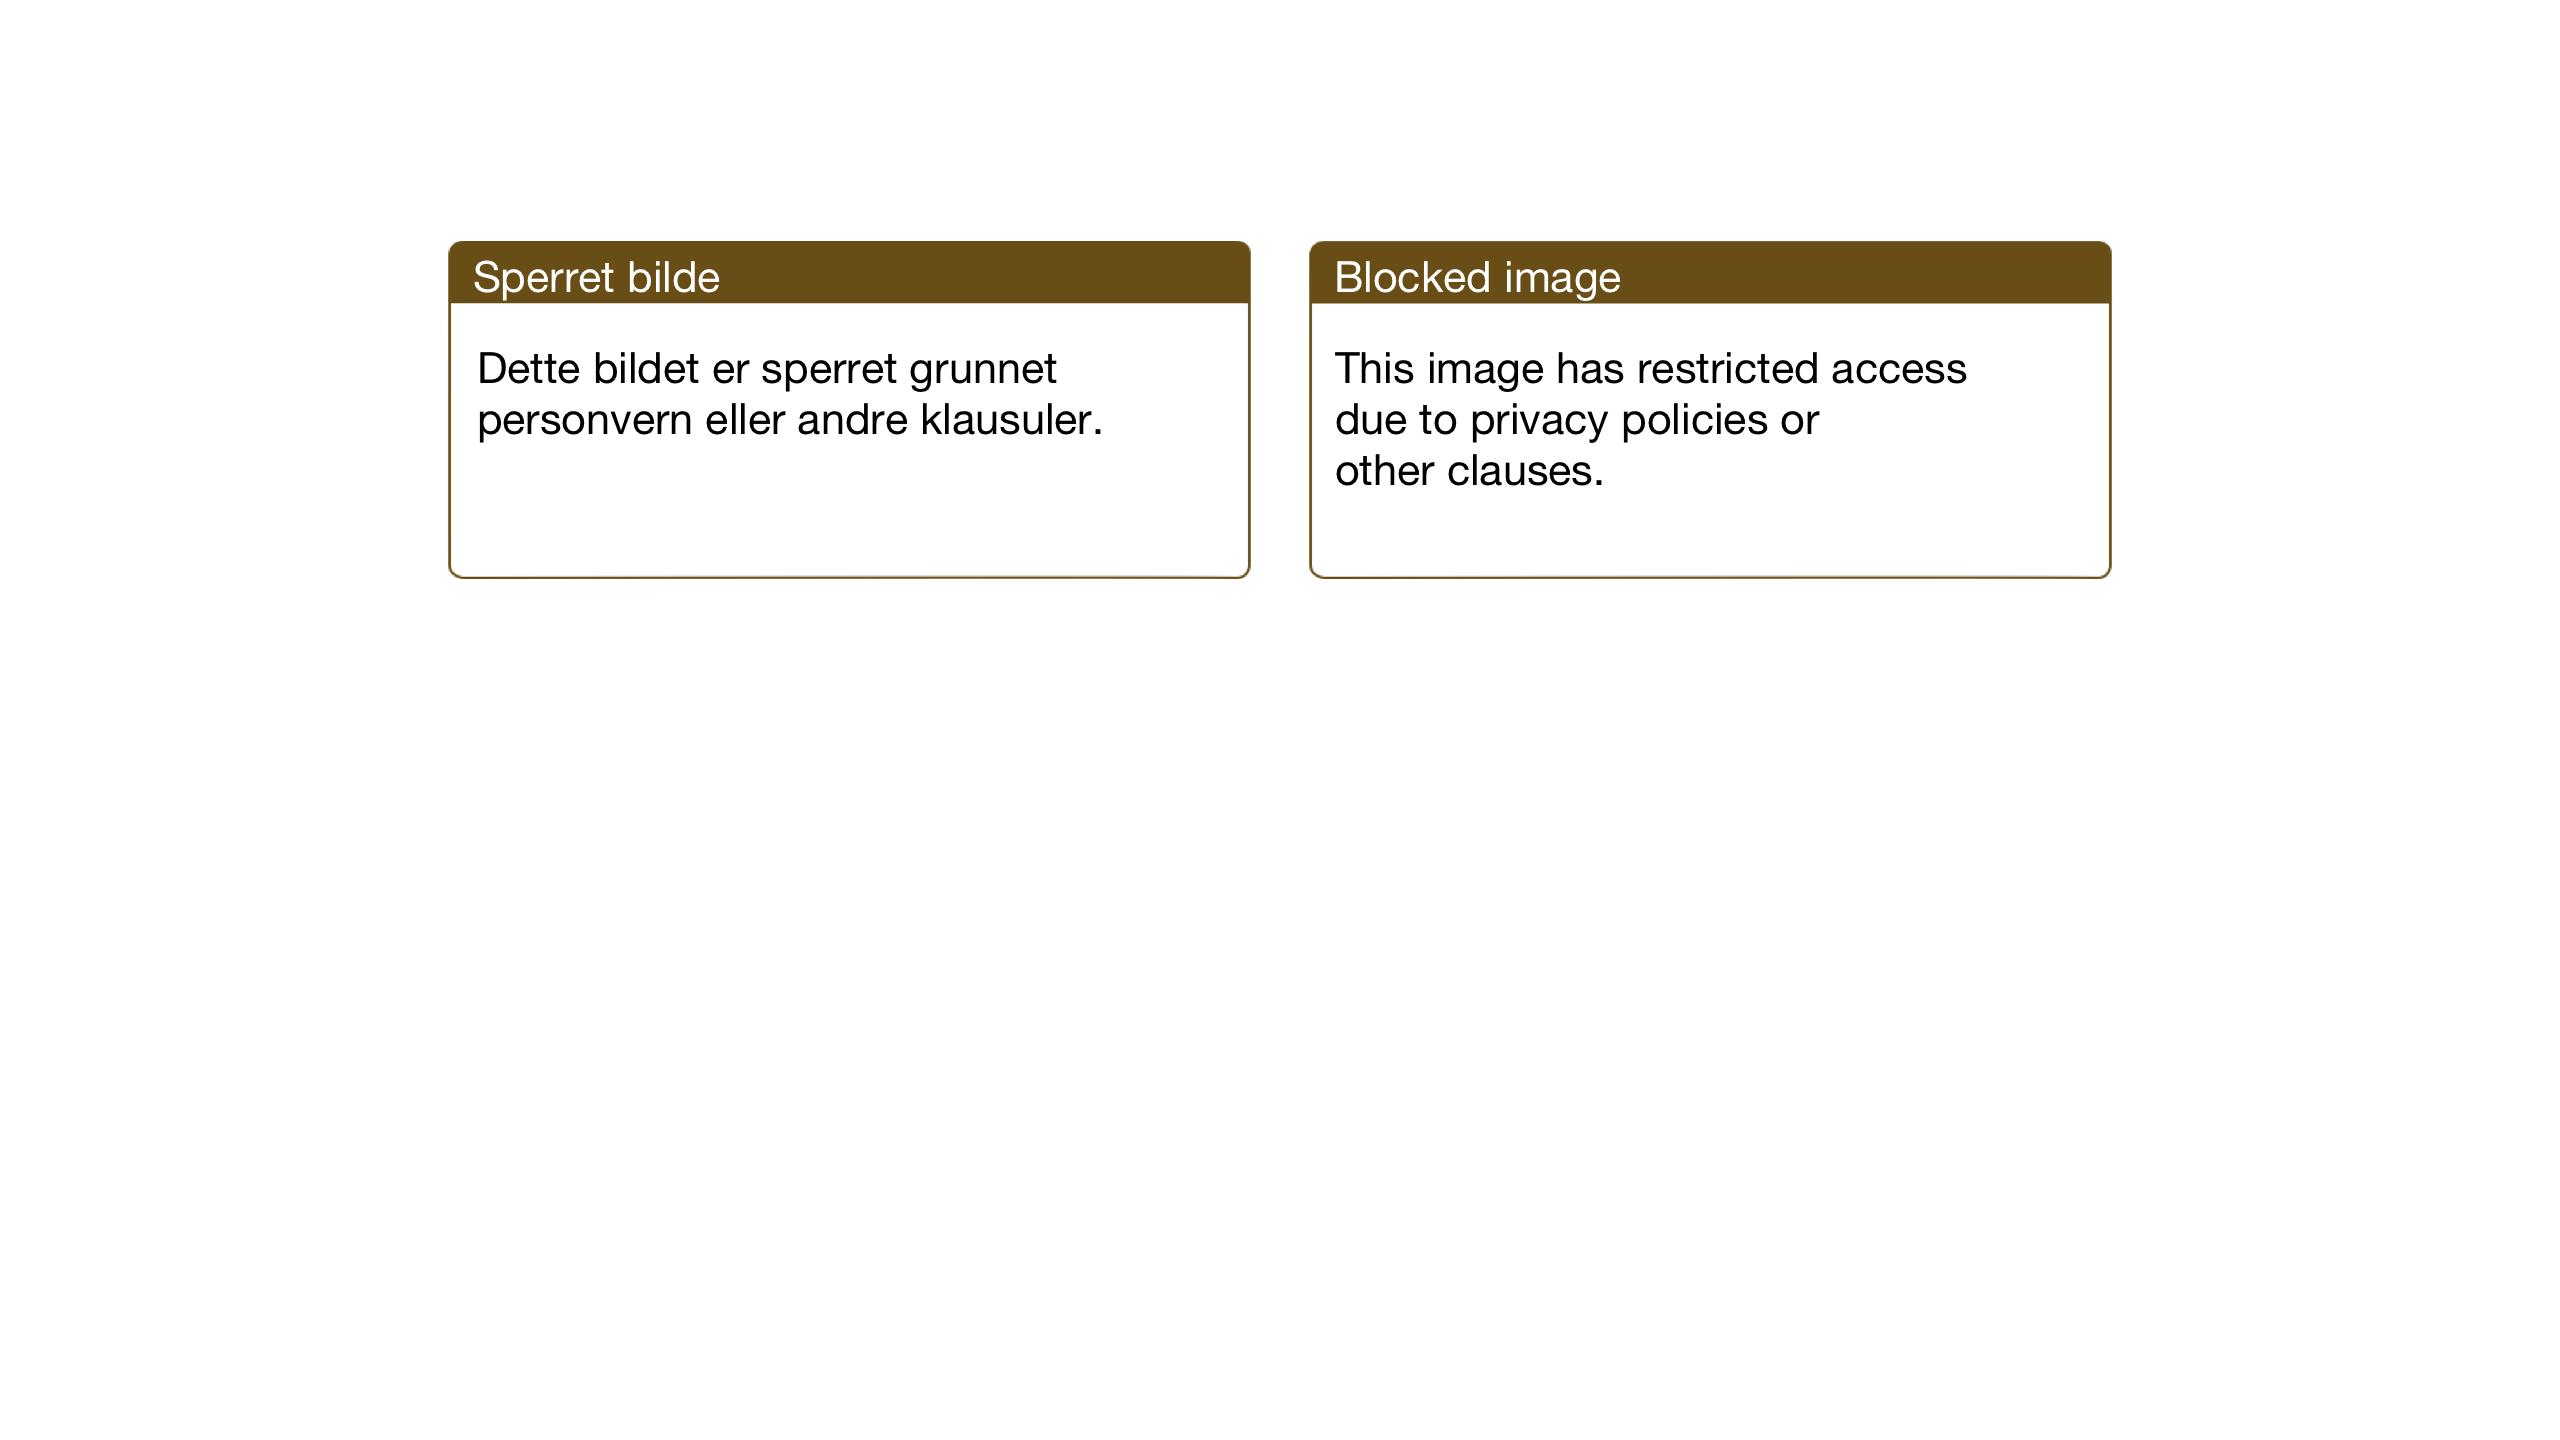 SAT, Ministerialprotokoller, klokkerbøker og fødselsregistre - Sør-Trøndelag, 602/L0148: Klokkerbok nr. 602C16, 1919-1939, s. 76